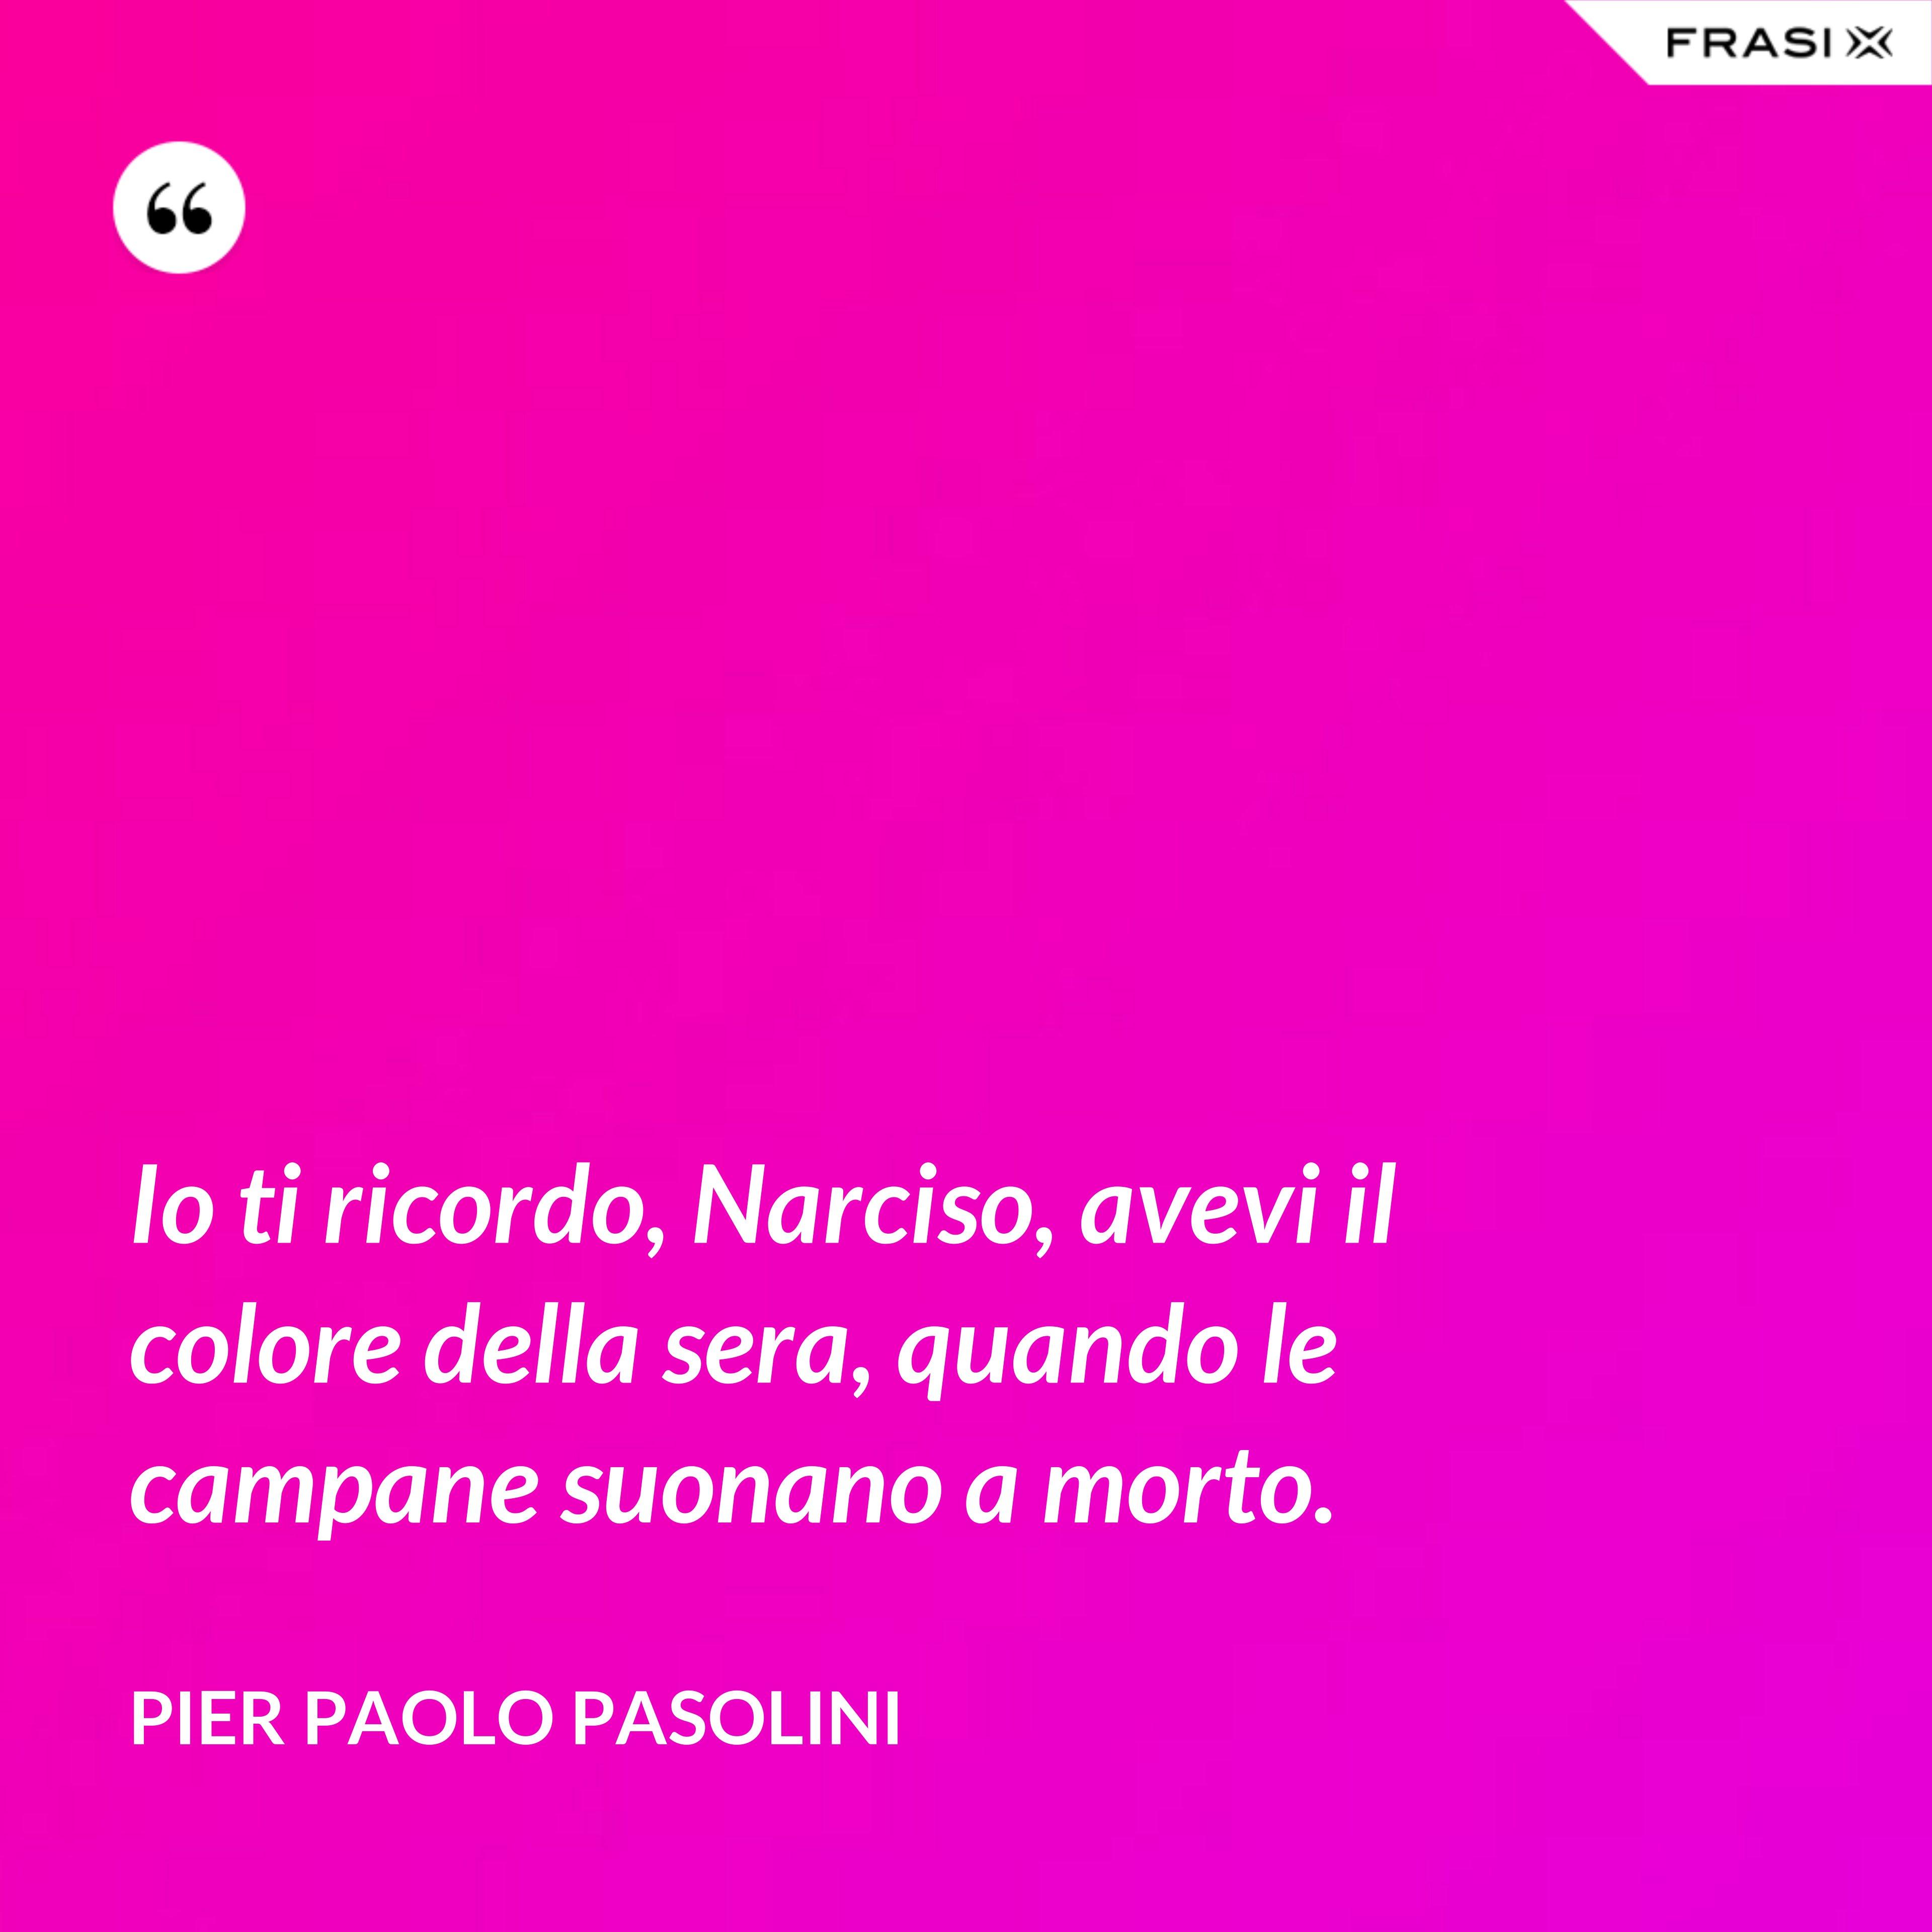 Io ti ricordo, Narciso, avevi il colore della sera, quando le campane suonano a morto. - Pier Paolo Pasolini